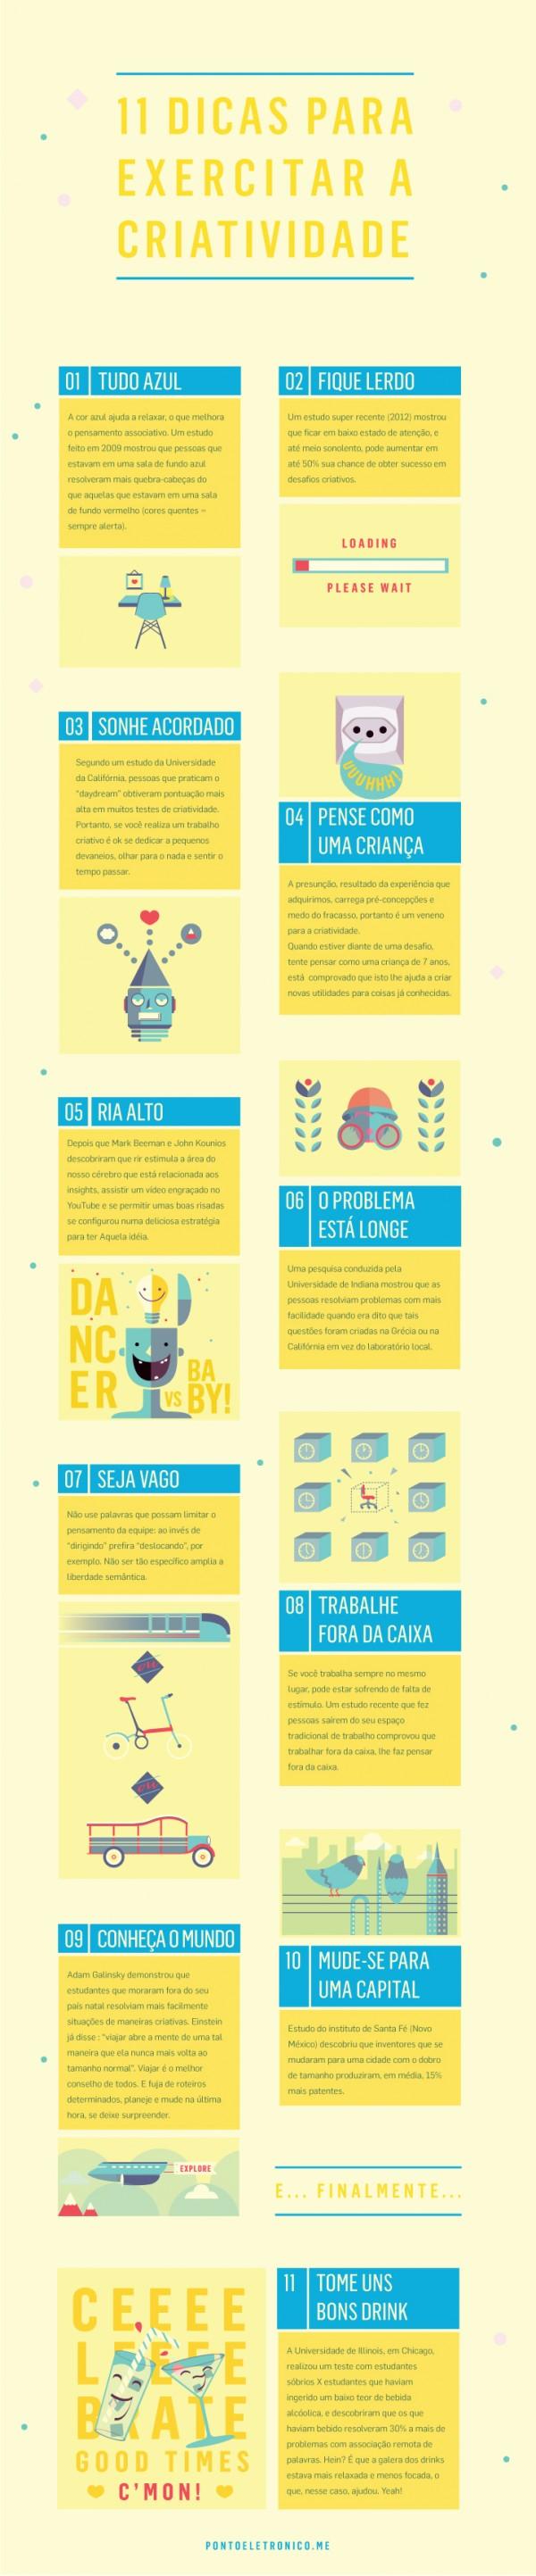 11  Dicas para Exercitar Criatividade